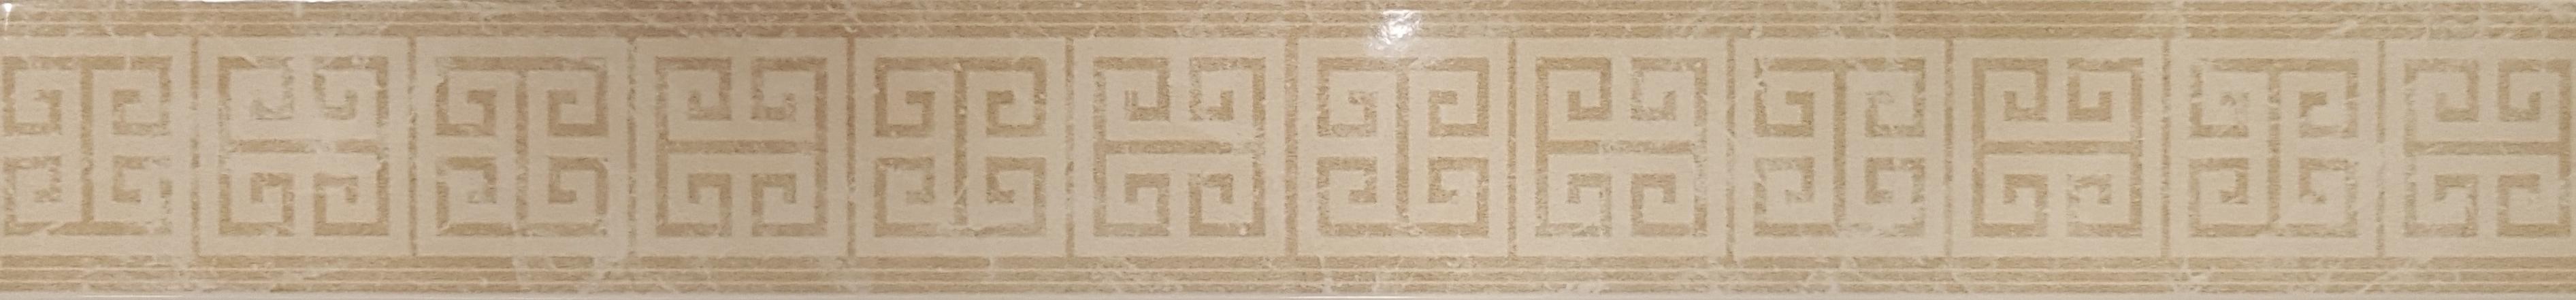 COLLEZIONE CLASSIQUE BARRA TENDANCE MARRON CM.5,4X22,5 1° SCELTA